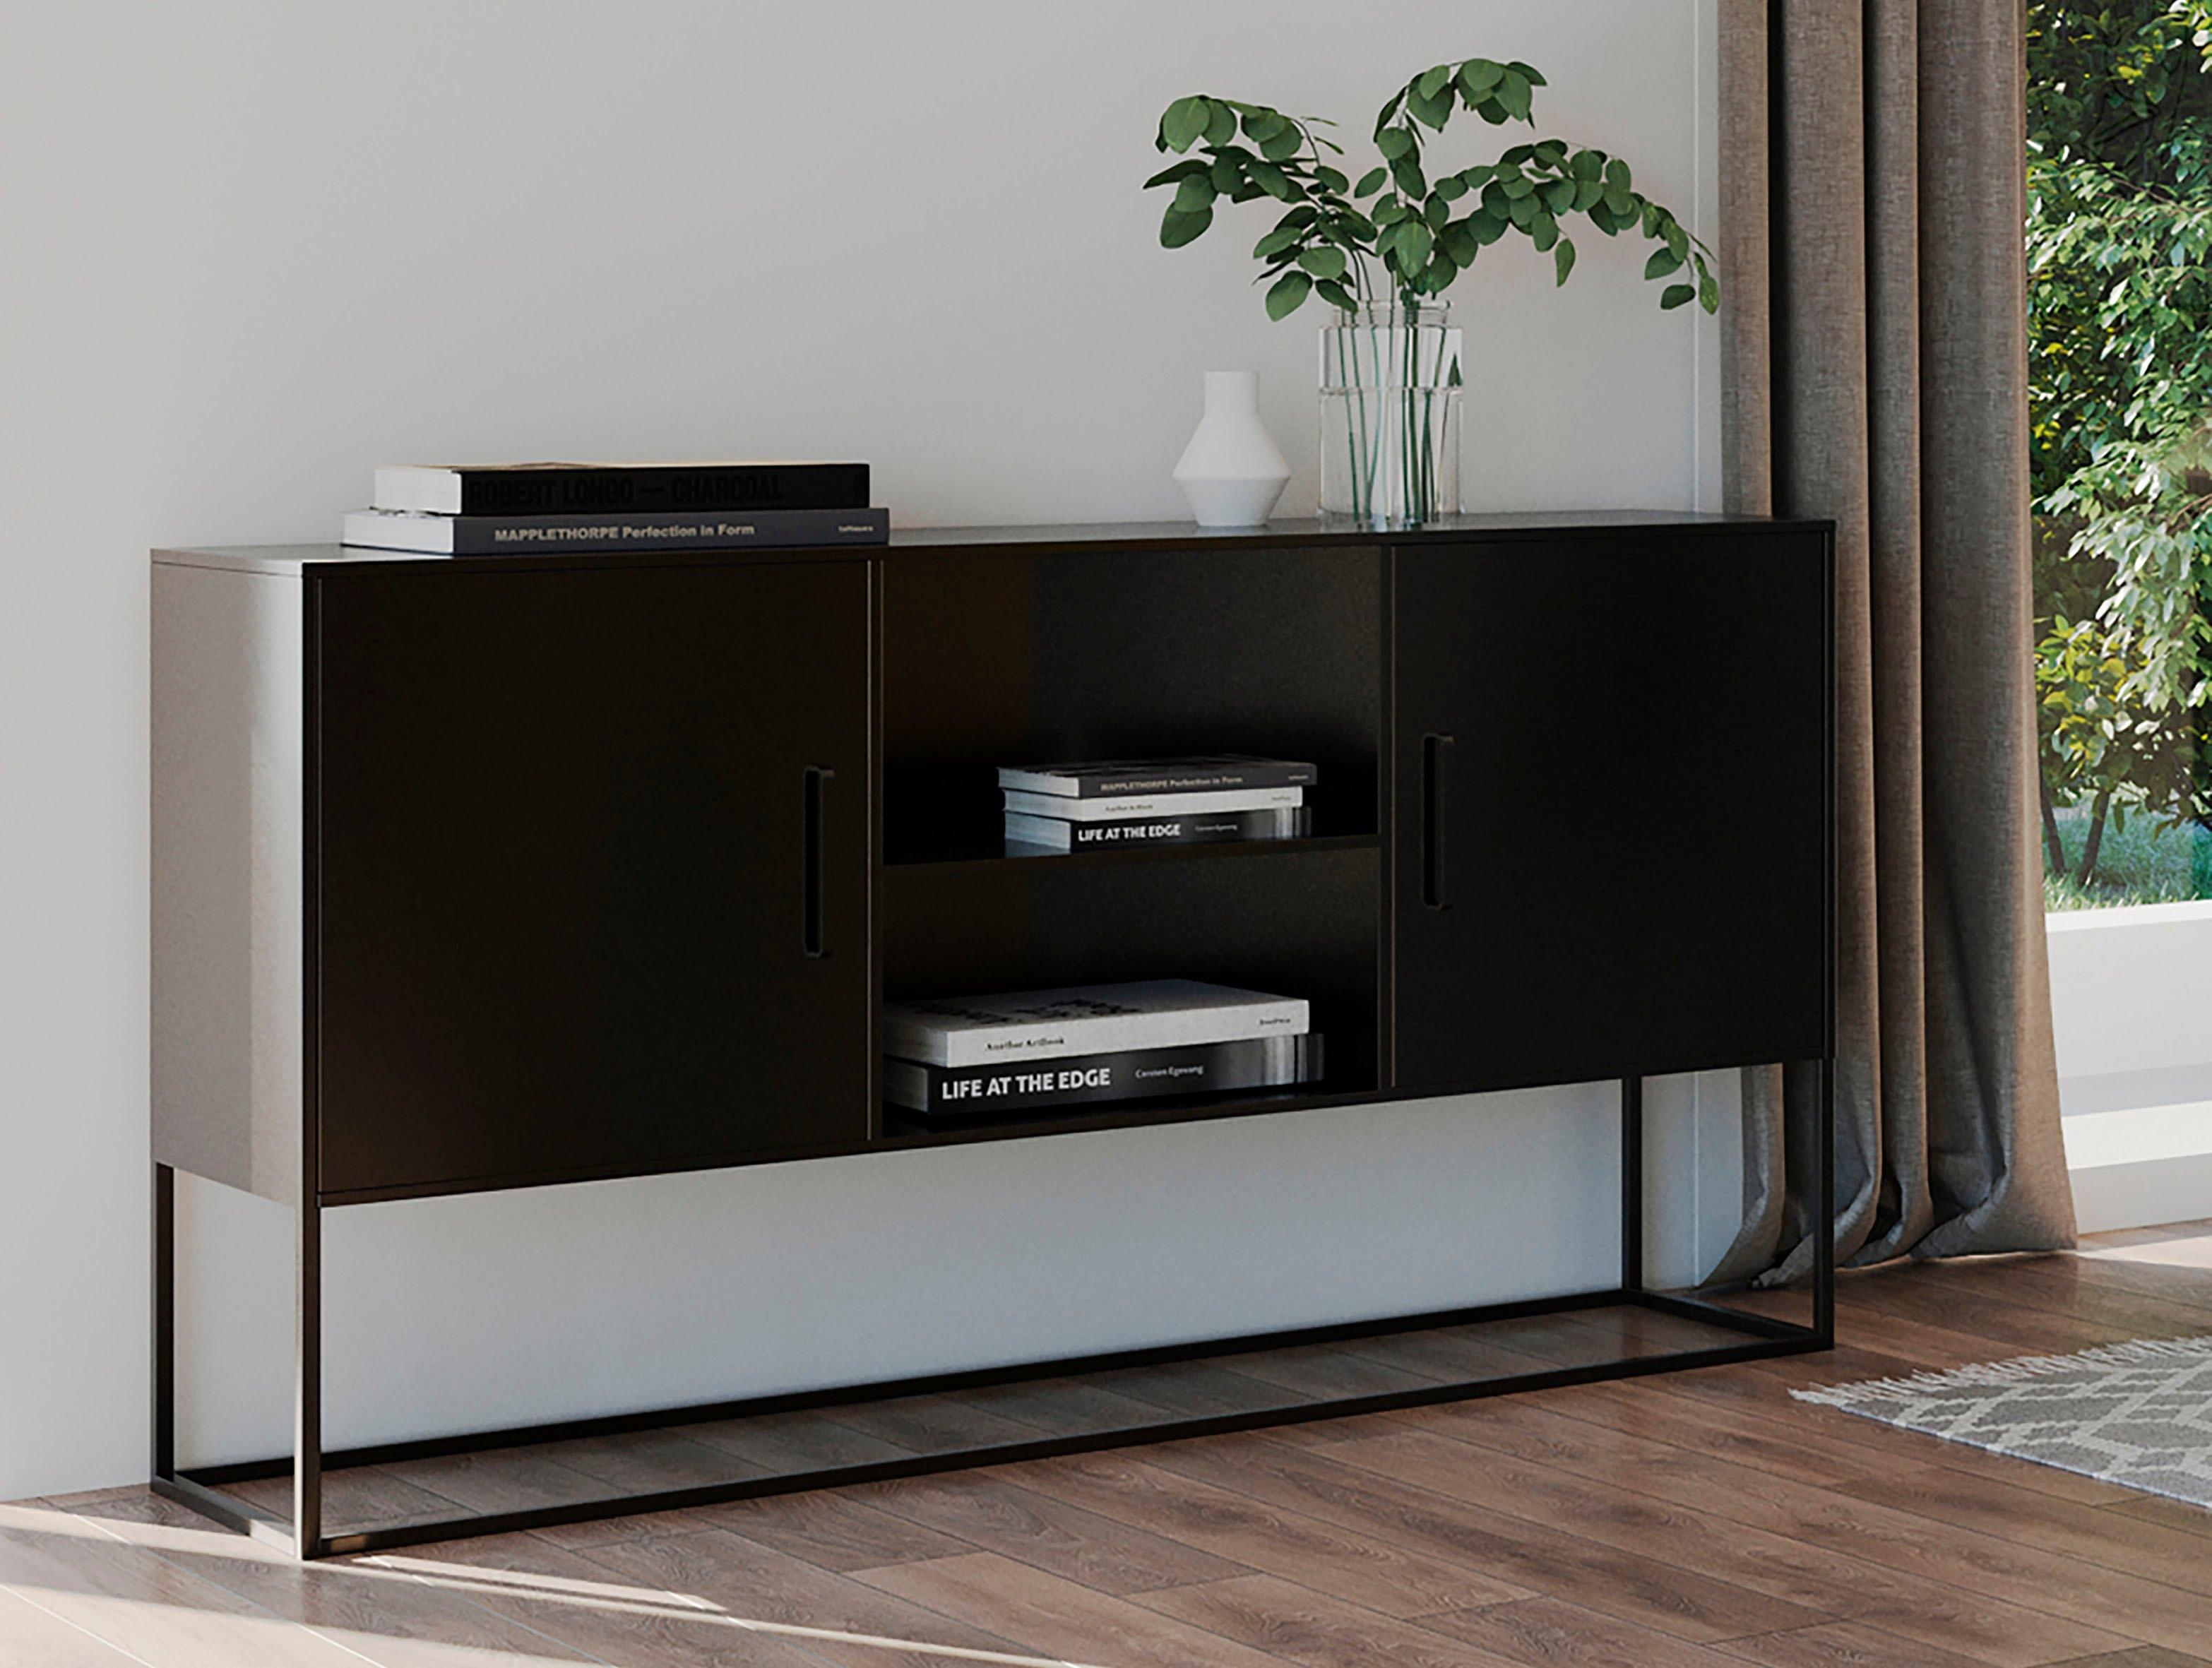 Op zoek naar een Homexperts kast Rich designachtig metalen meubel, ideaal als kast of tv-meubel? Koop online bij OTTO